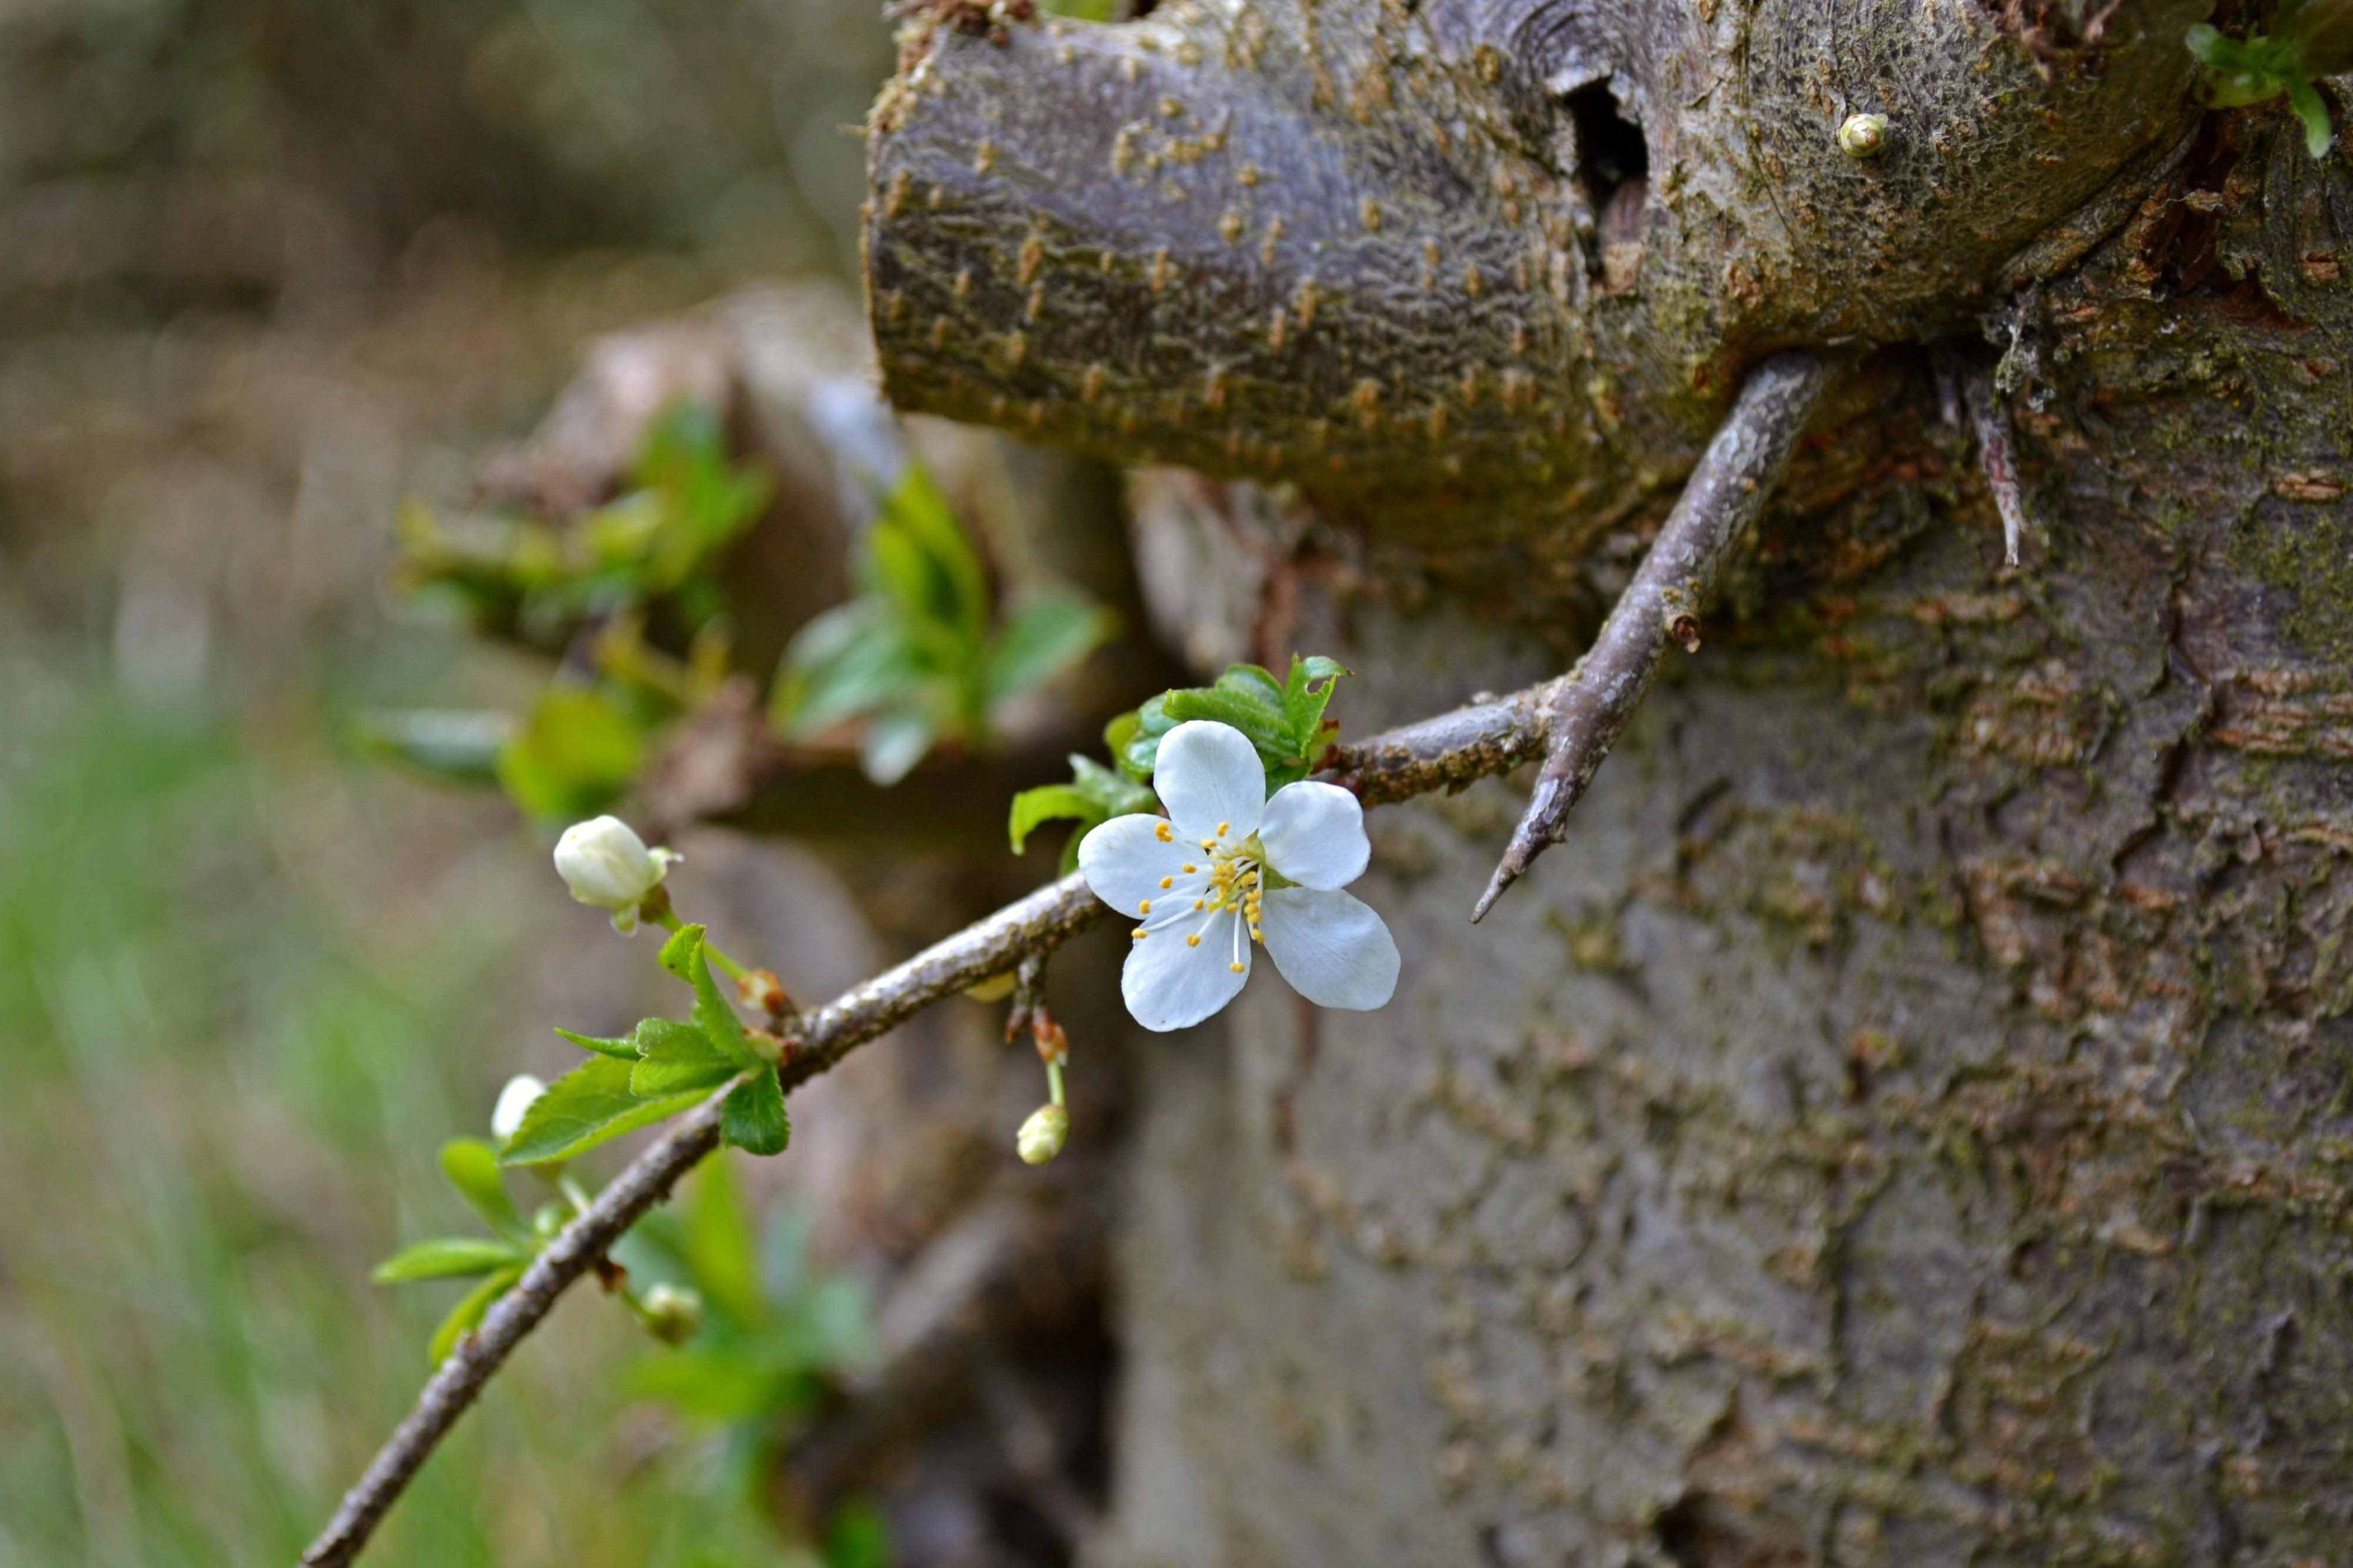 Free Images : nature, branch, blossom, plant, leaf, flower, bloom ...